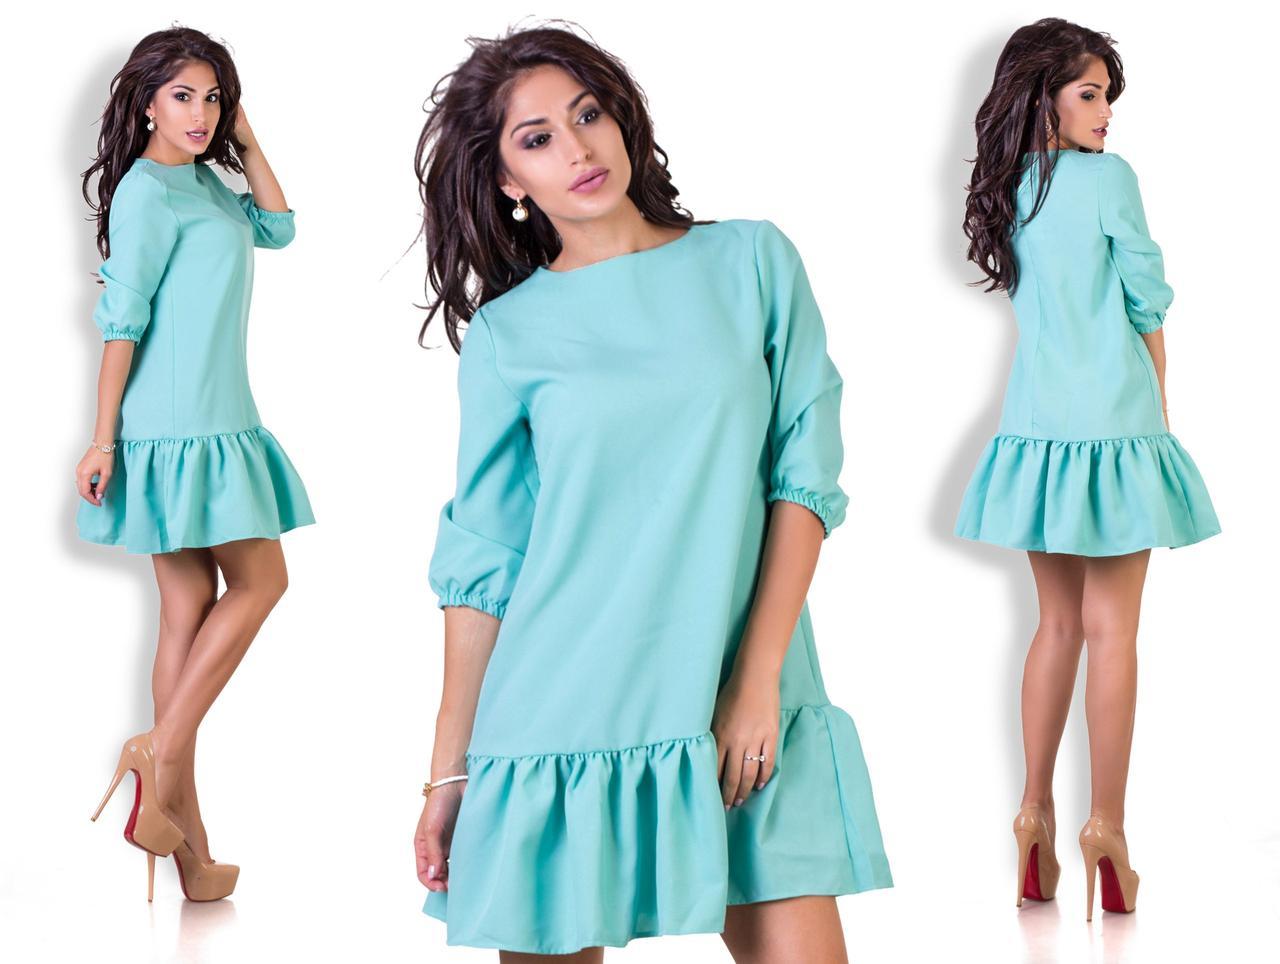 358a566c7db Женское свободное платье с рюшами -